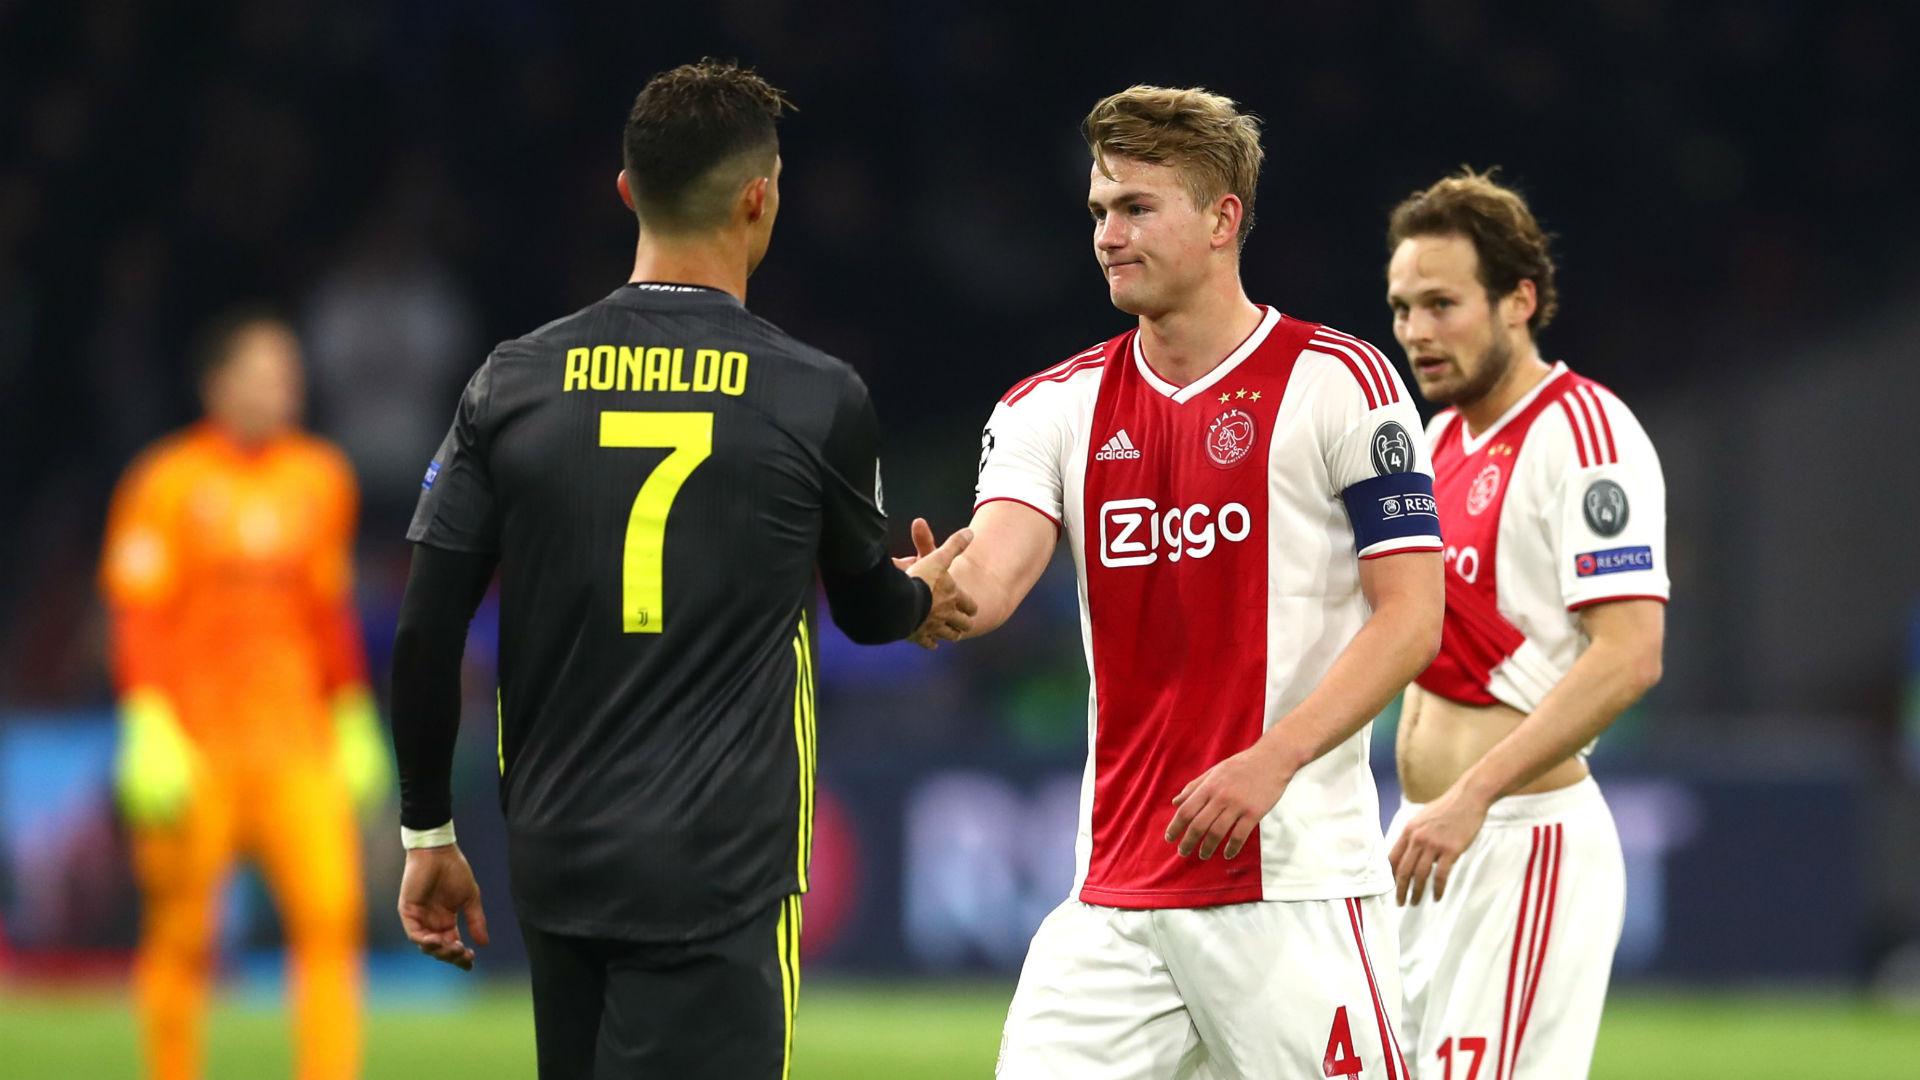 Van Dijk and De Ligt can stop Ronaldo - Koeman sounds Nations League final challenge